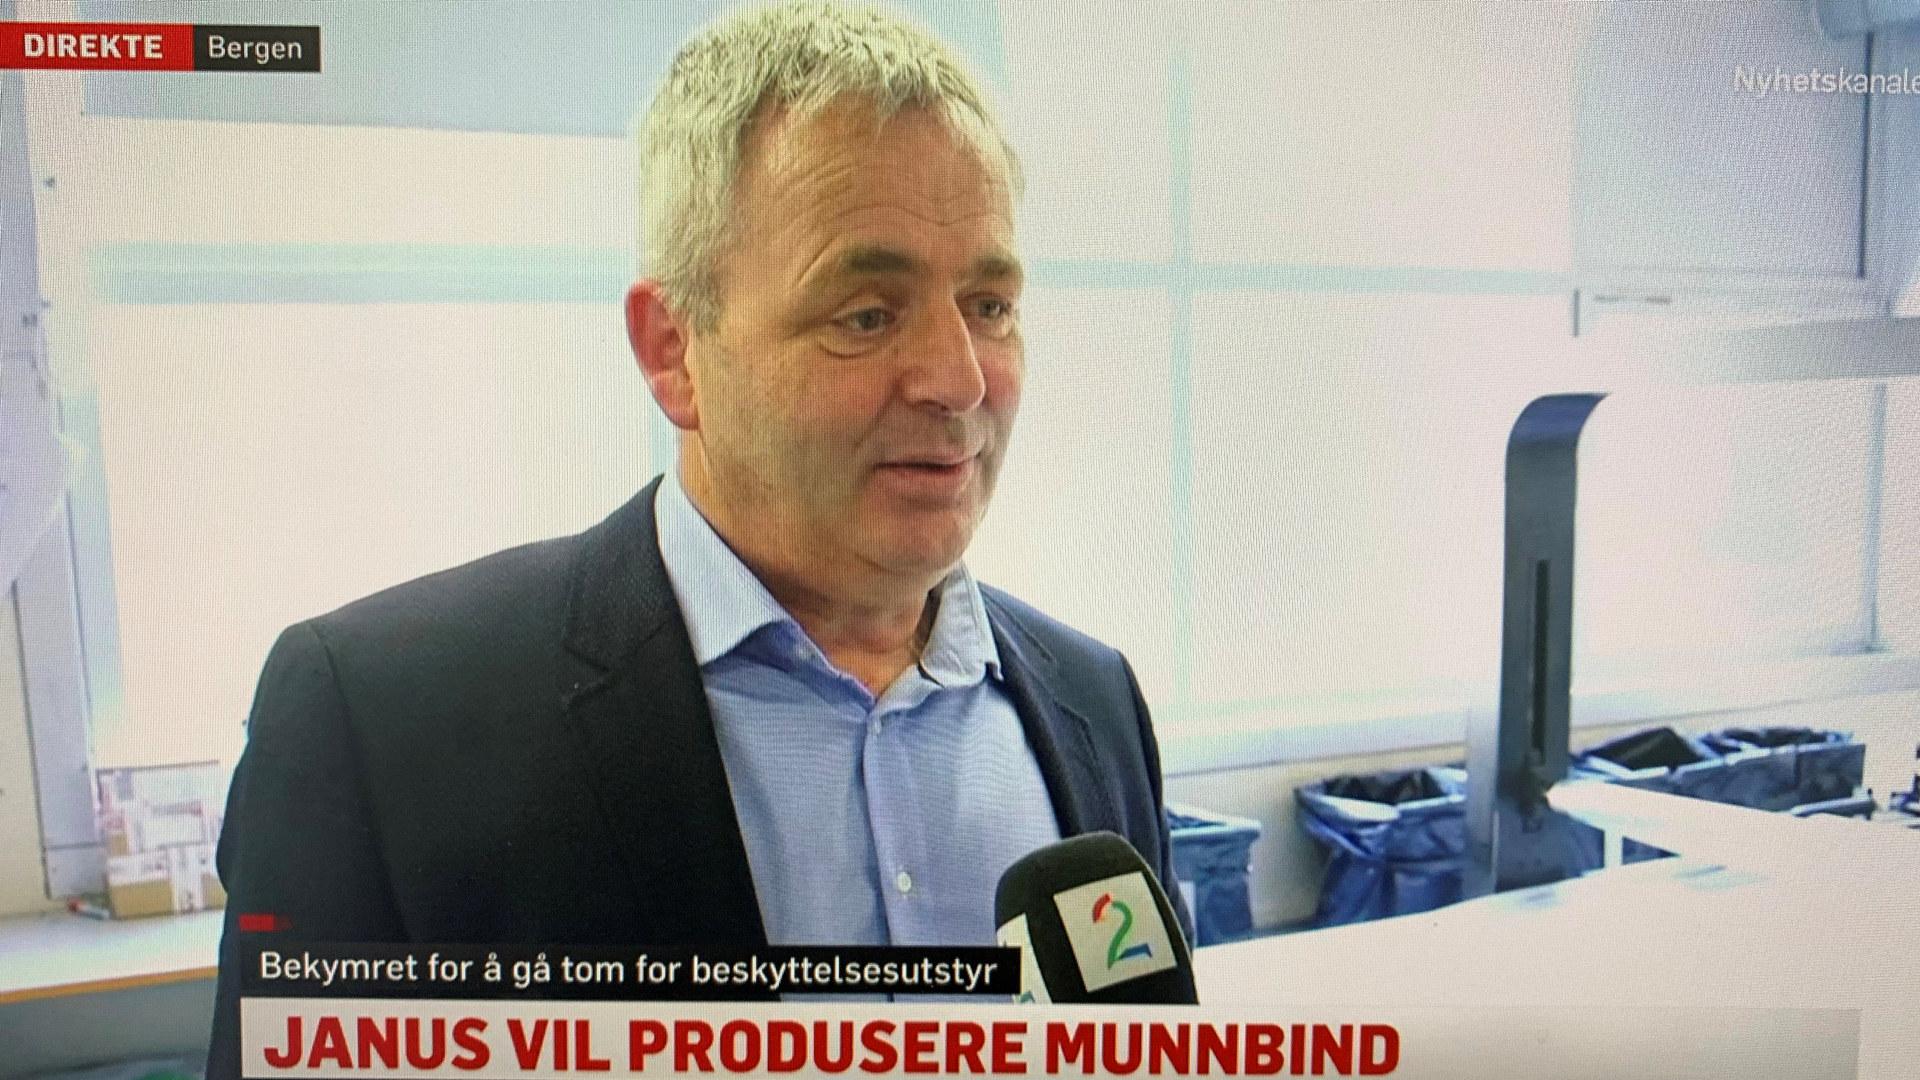 Janus-fabrikken tilbyr seg å lage munnbind til helse-Norge. Her ved adm. dir. Arne Fonneland. Skjermdump: TV2 Nyhetskanalen